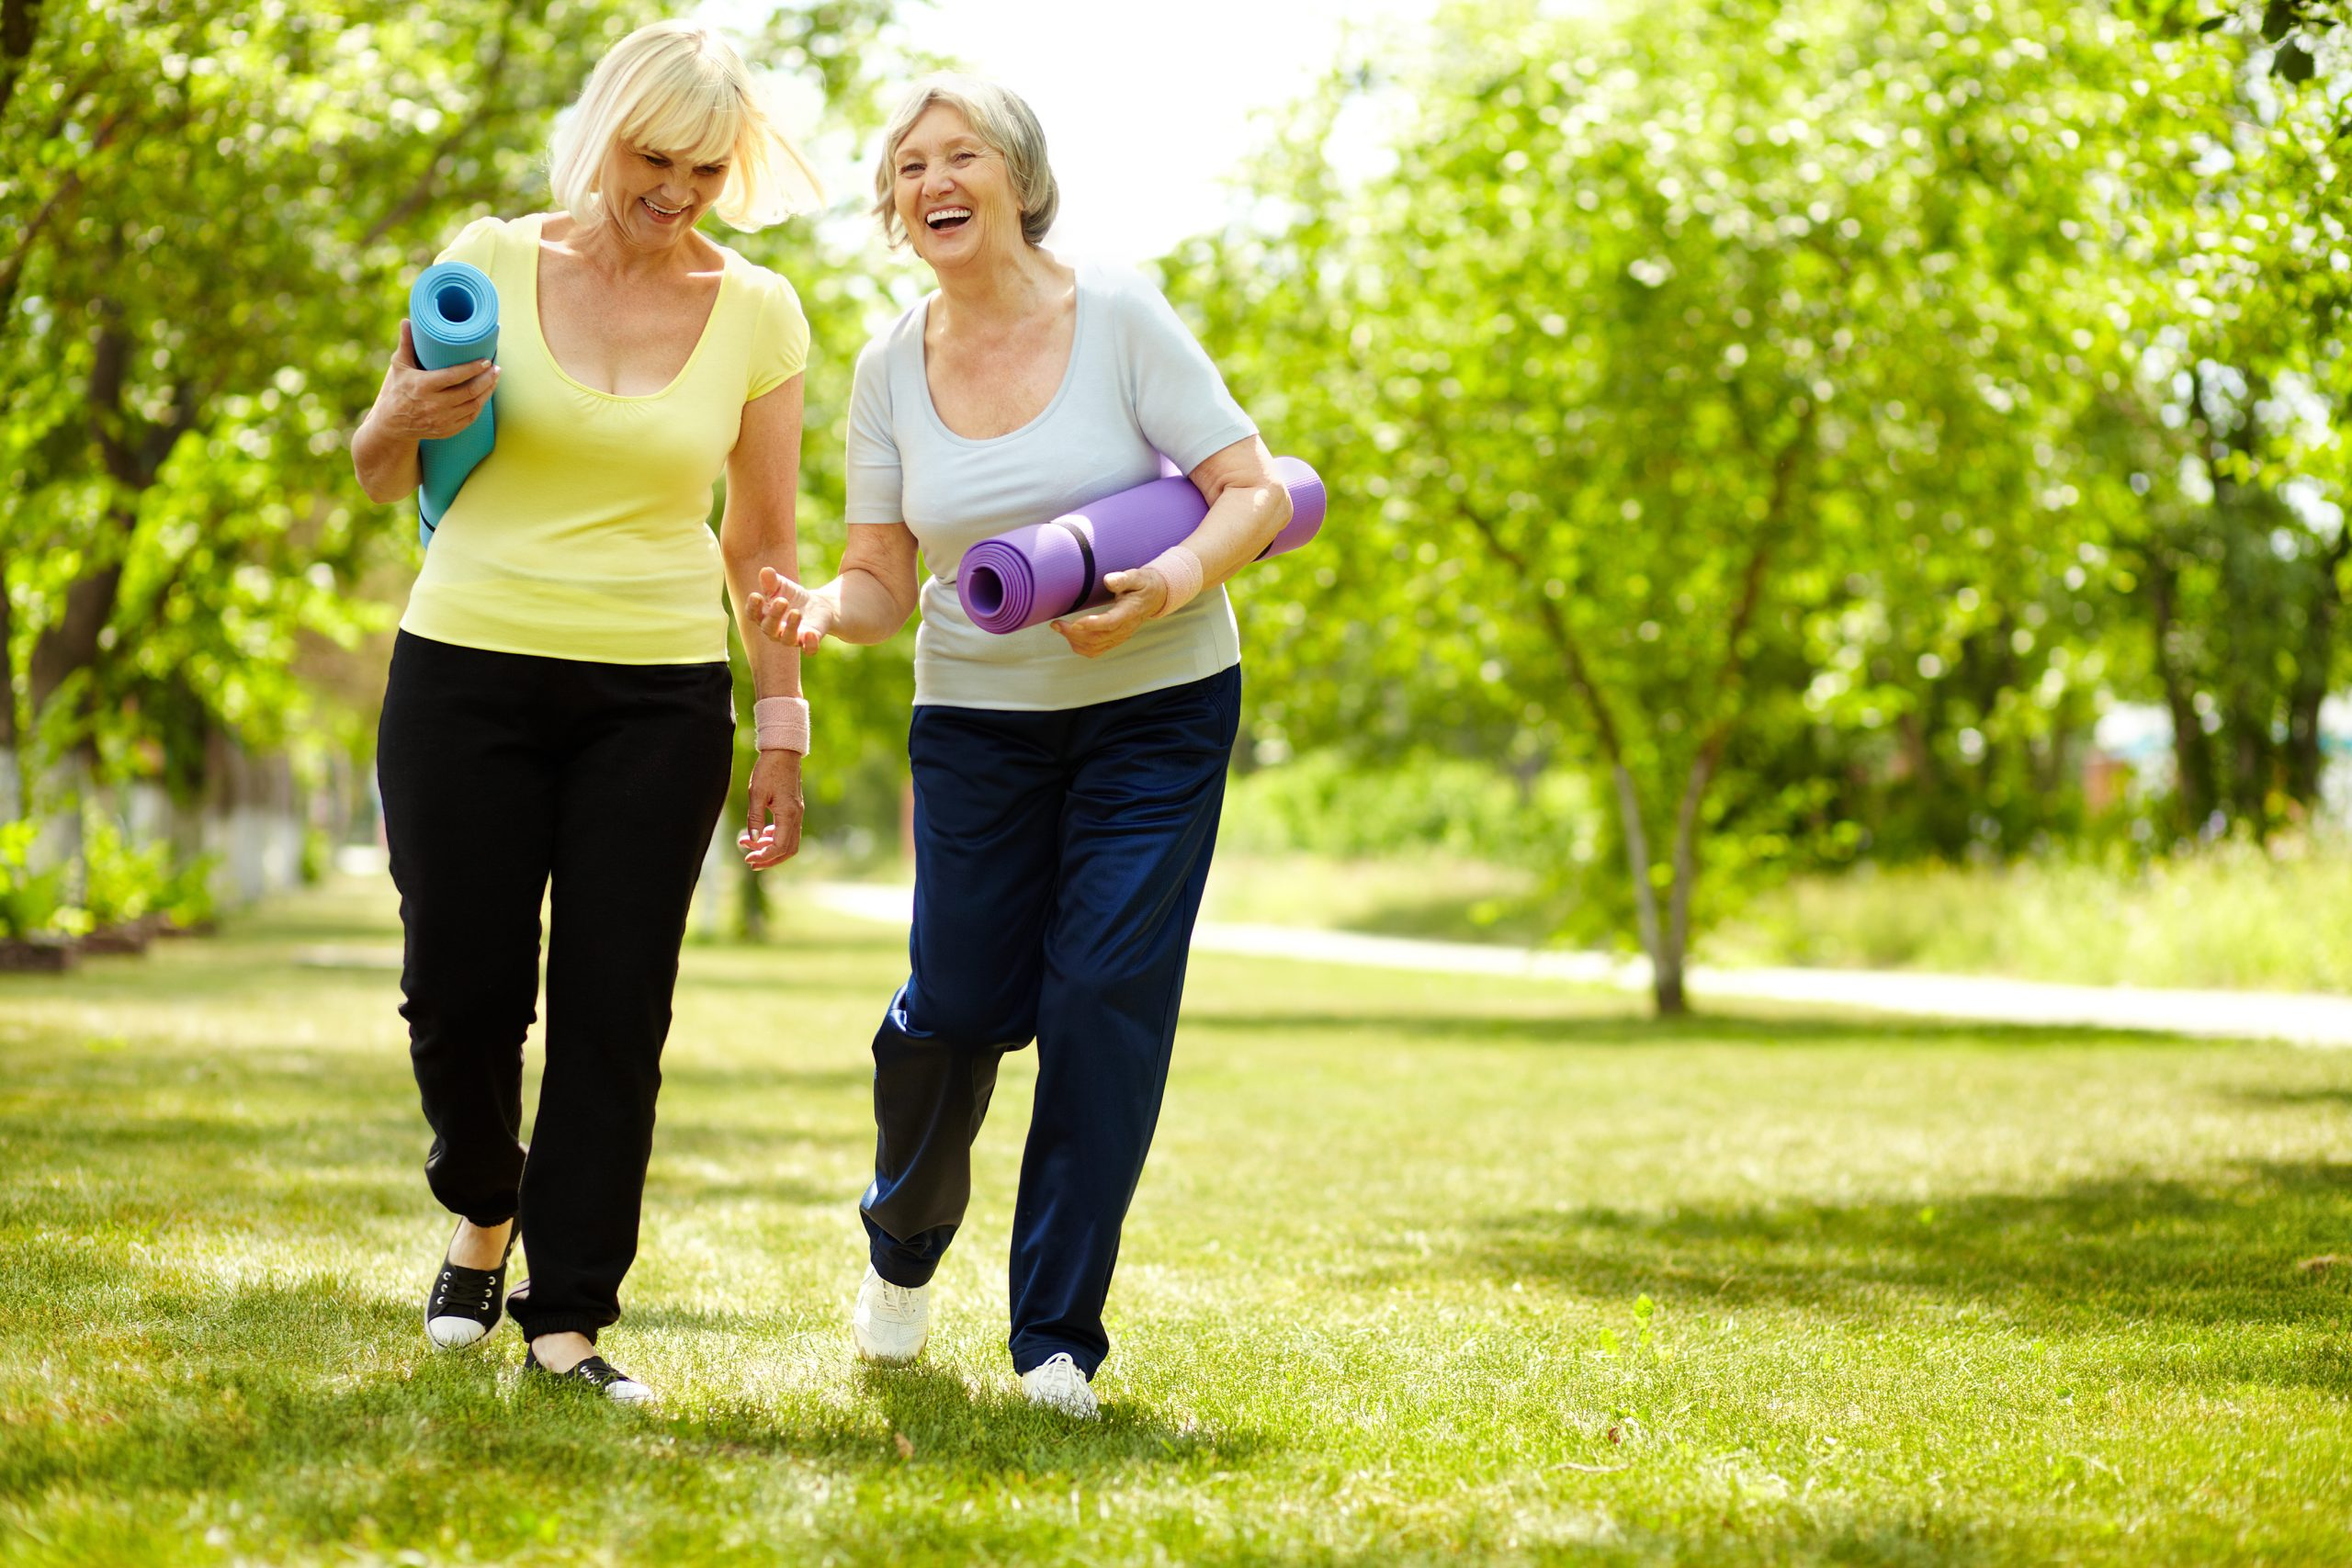 Αθλητισμός για όλους: Γιατί δεν είναι ποτέ αργά να εντάξετε την άσκηση στη ζωή σας [vid]